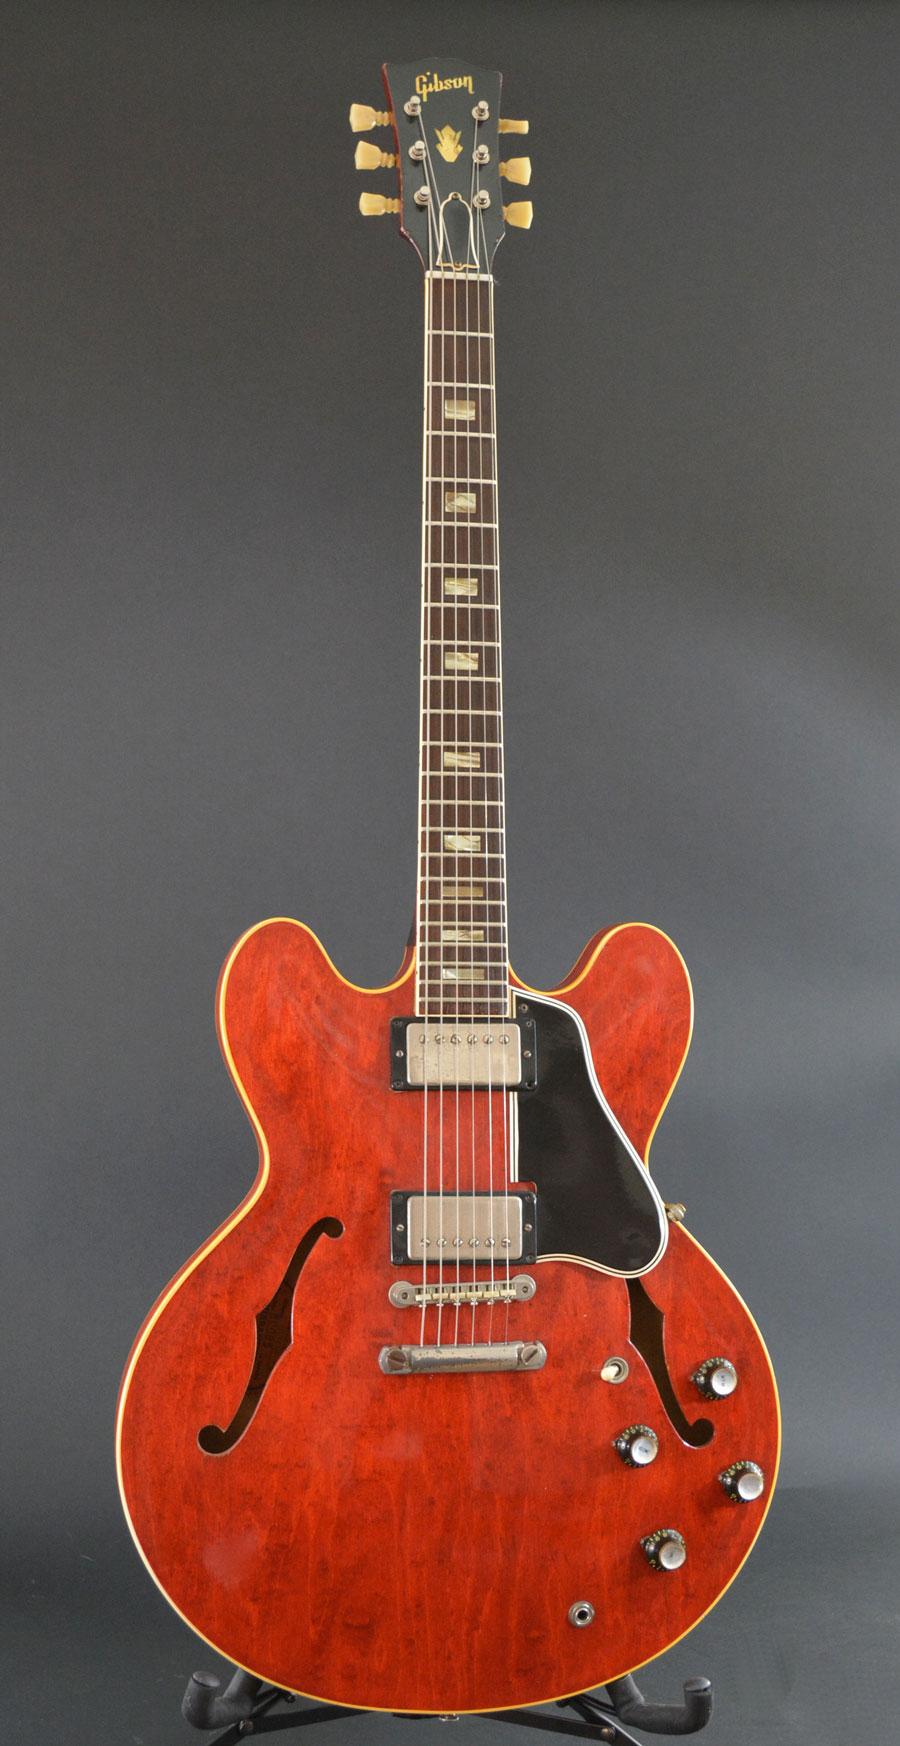 1962 gibson es 335 voltage guitar. Black Bedroom Furniture Sets. Home Design Ideas